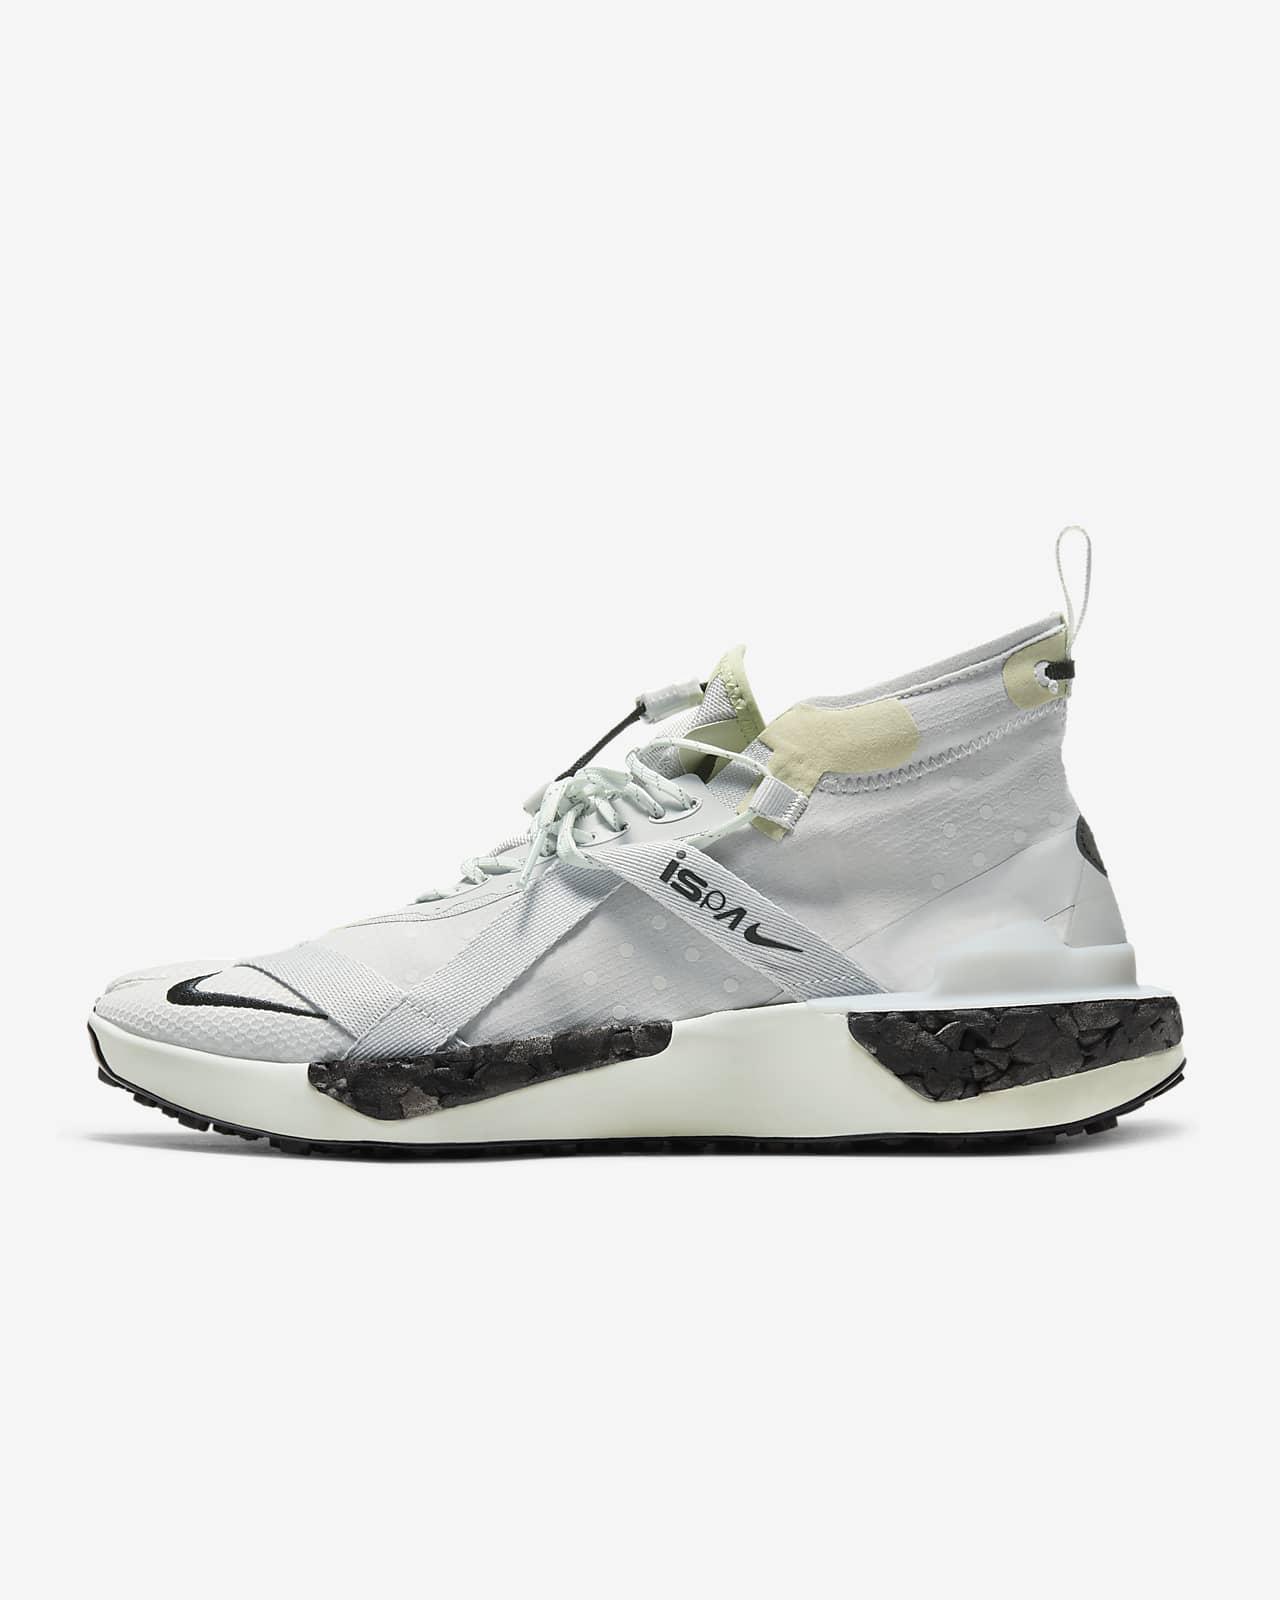 Nike ISPA Drifter Split Shoe